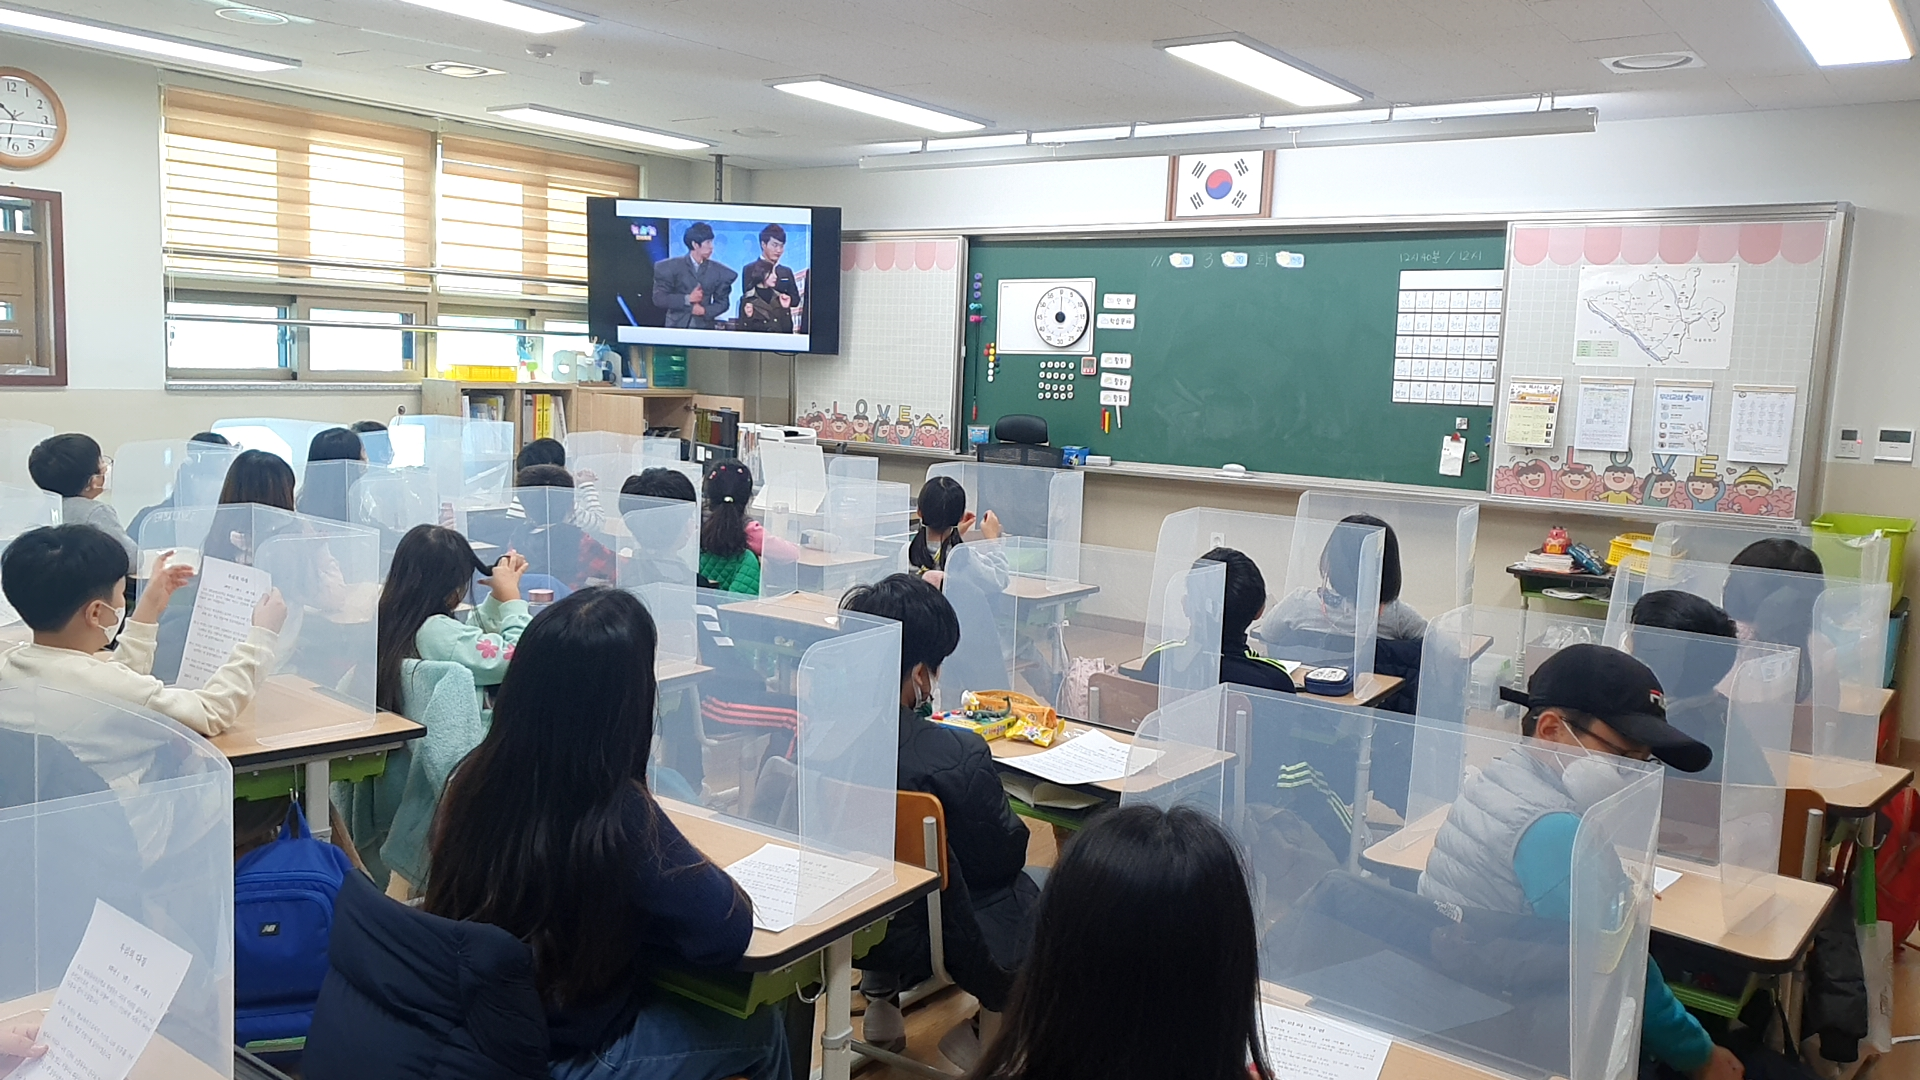 [일반] [2020.11.04.] 학교전담경찰관 학교폭력예방교육 실시의 첨부이미지 5